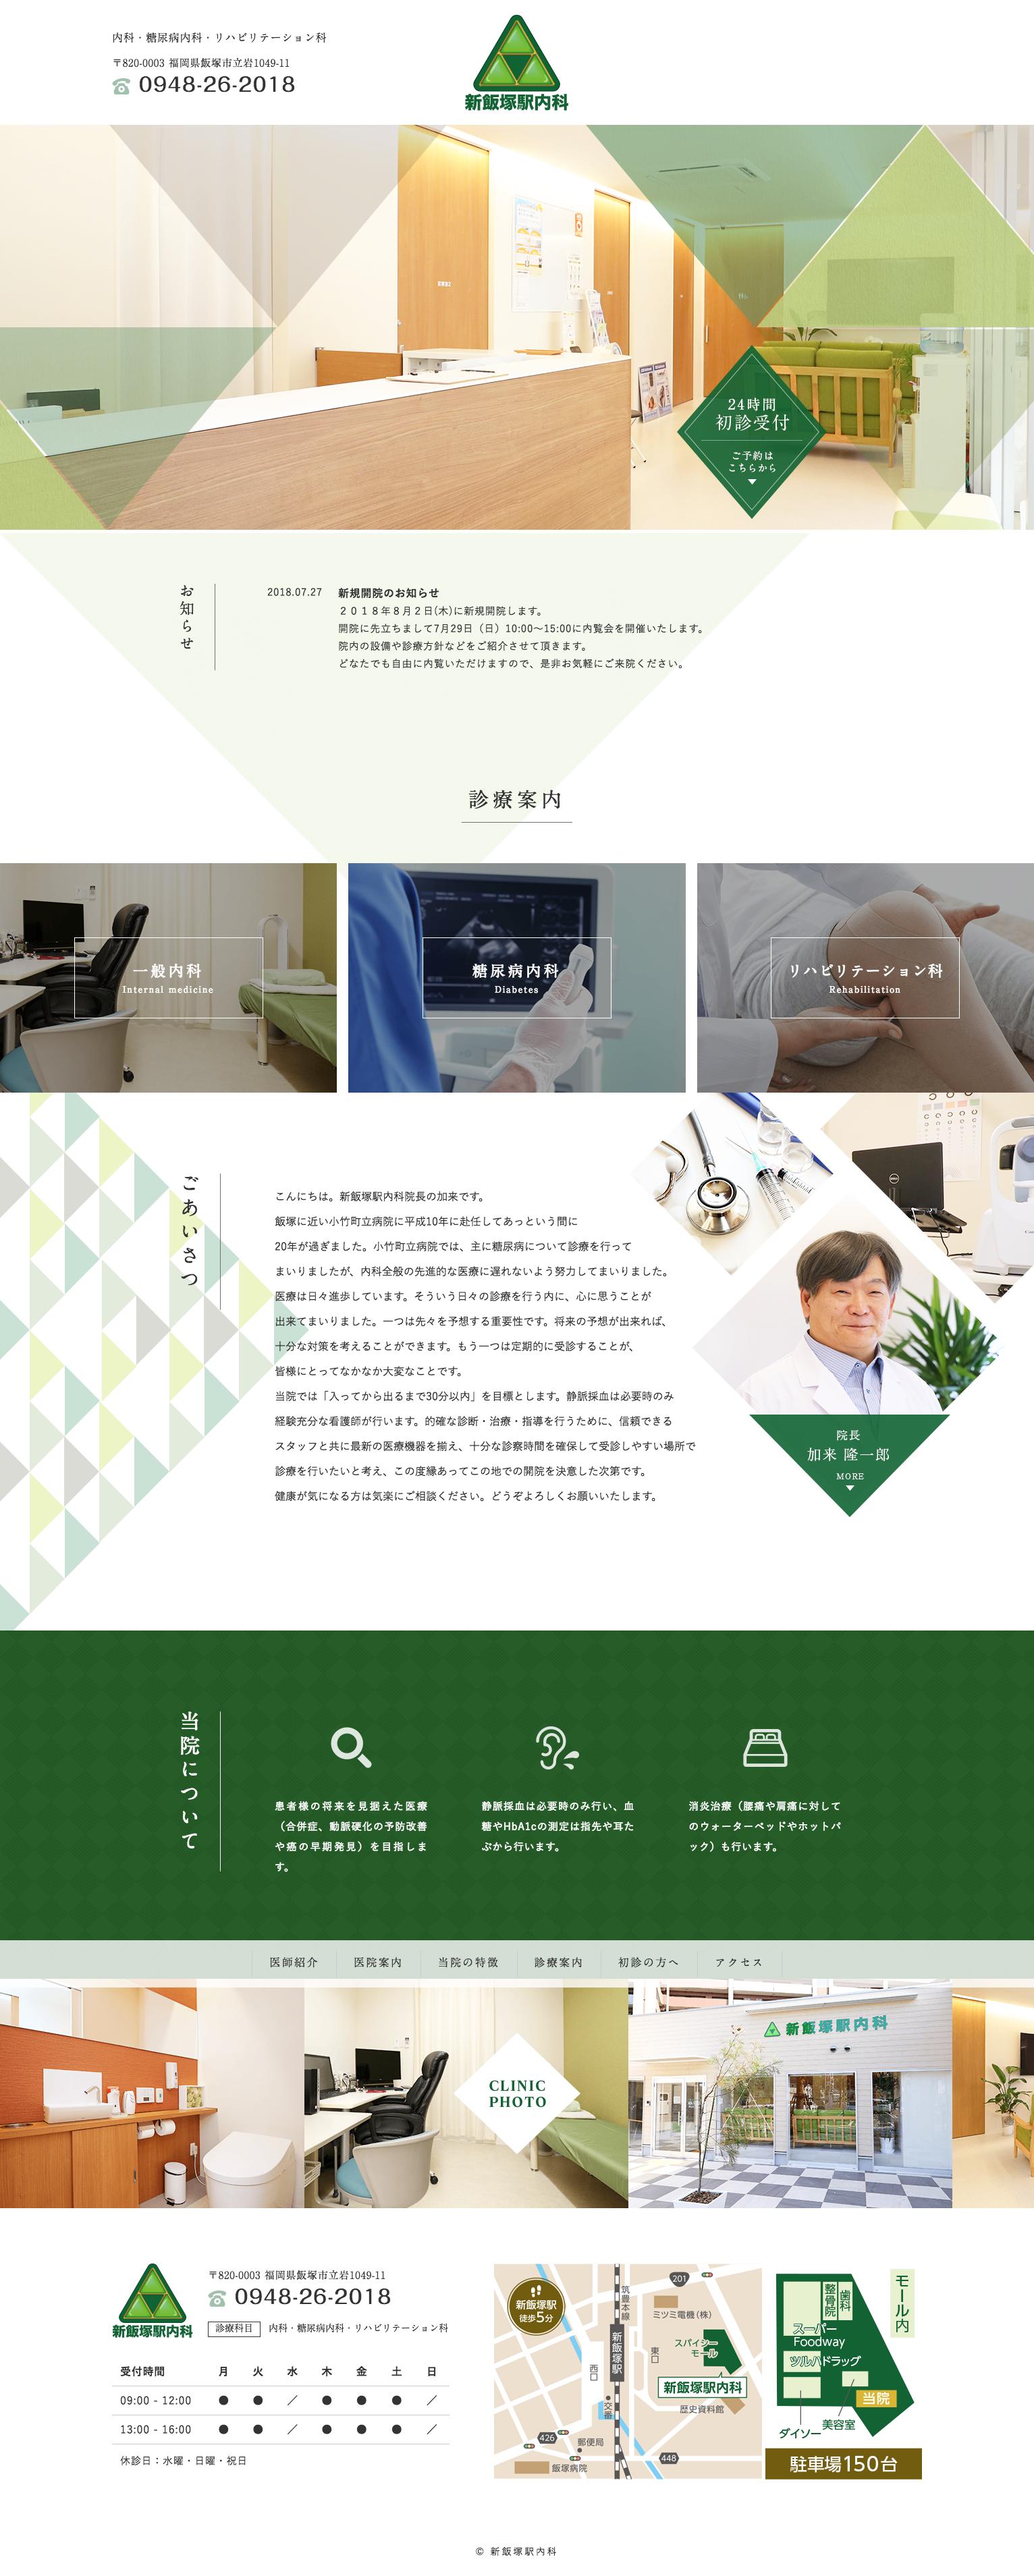 医療系 グリーン 面白い Lp デザイン 医療デザイン ウェブデザイン